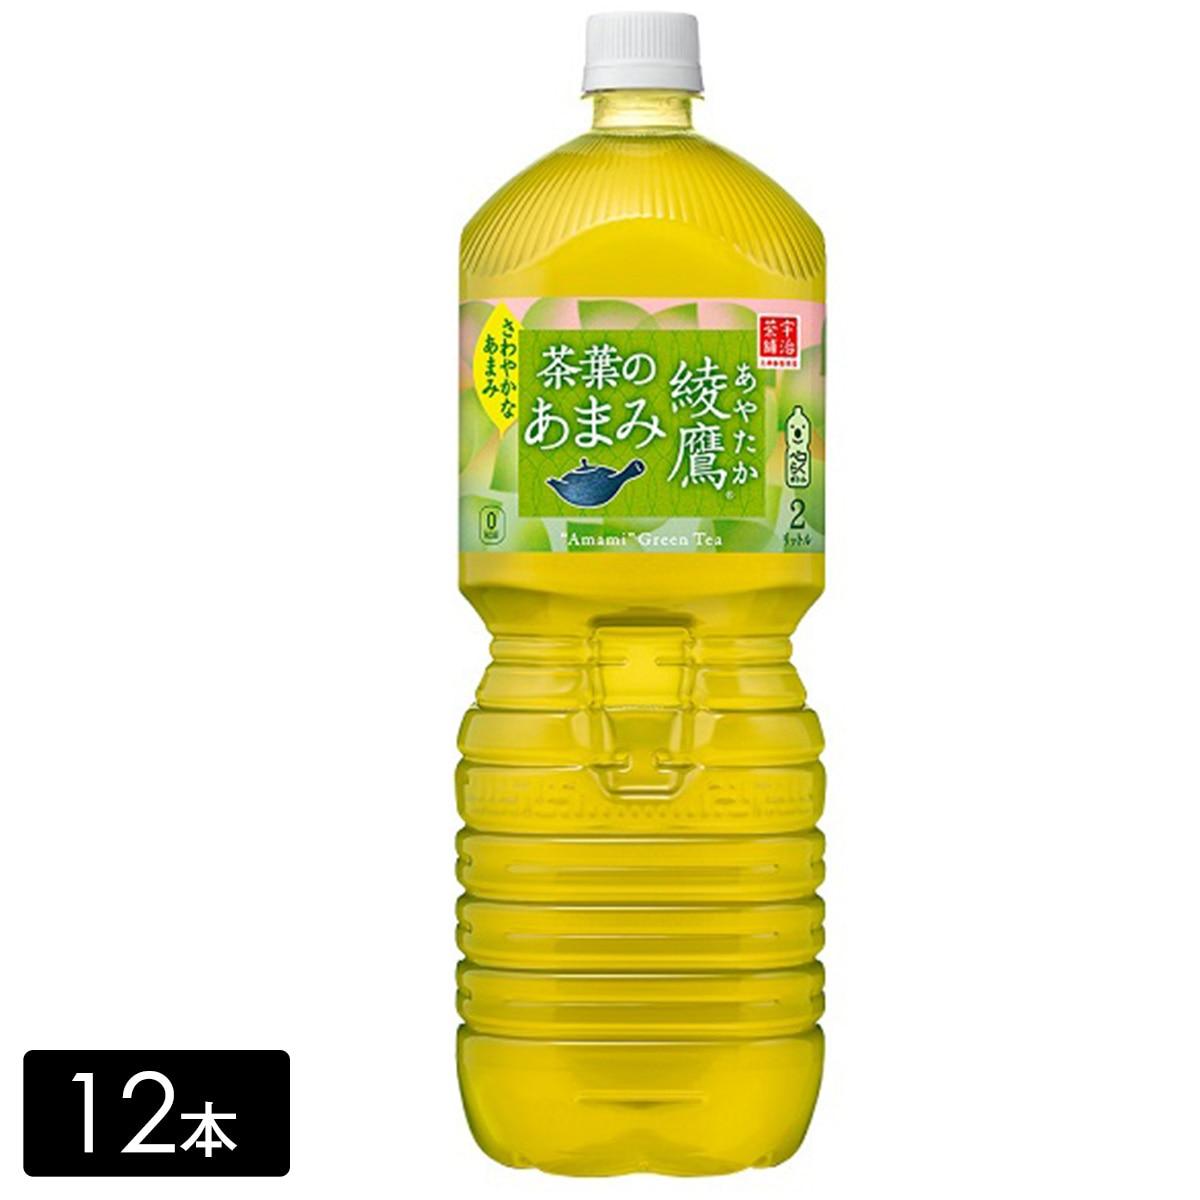 綾鷹 緑茶 茶葉のあまみ 2L×12本